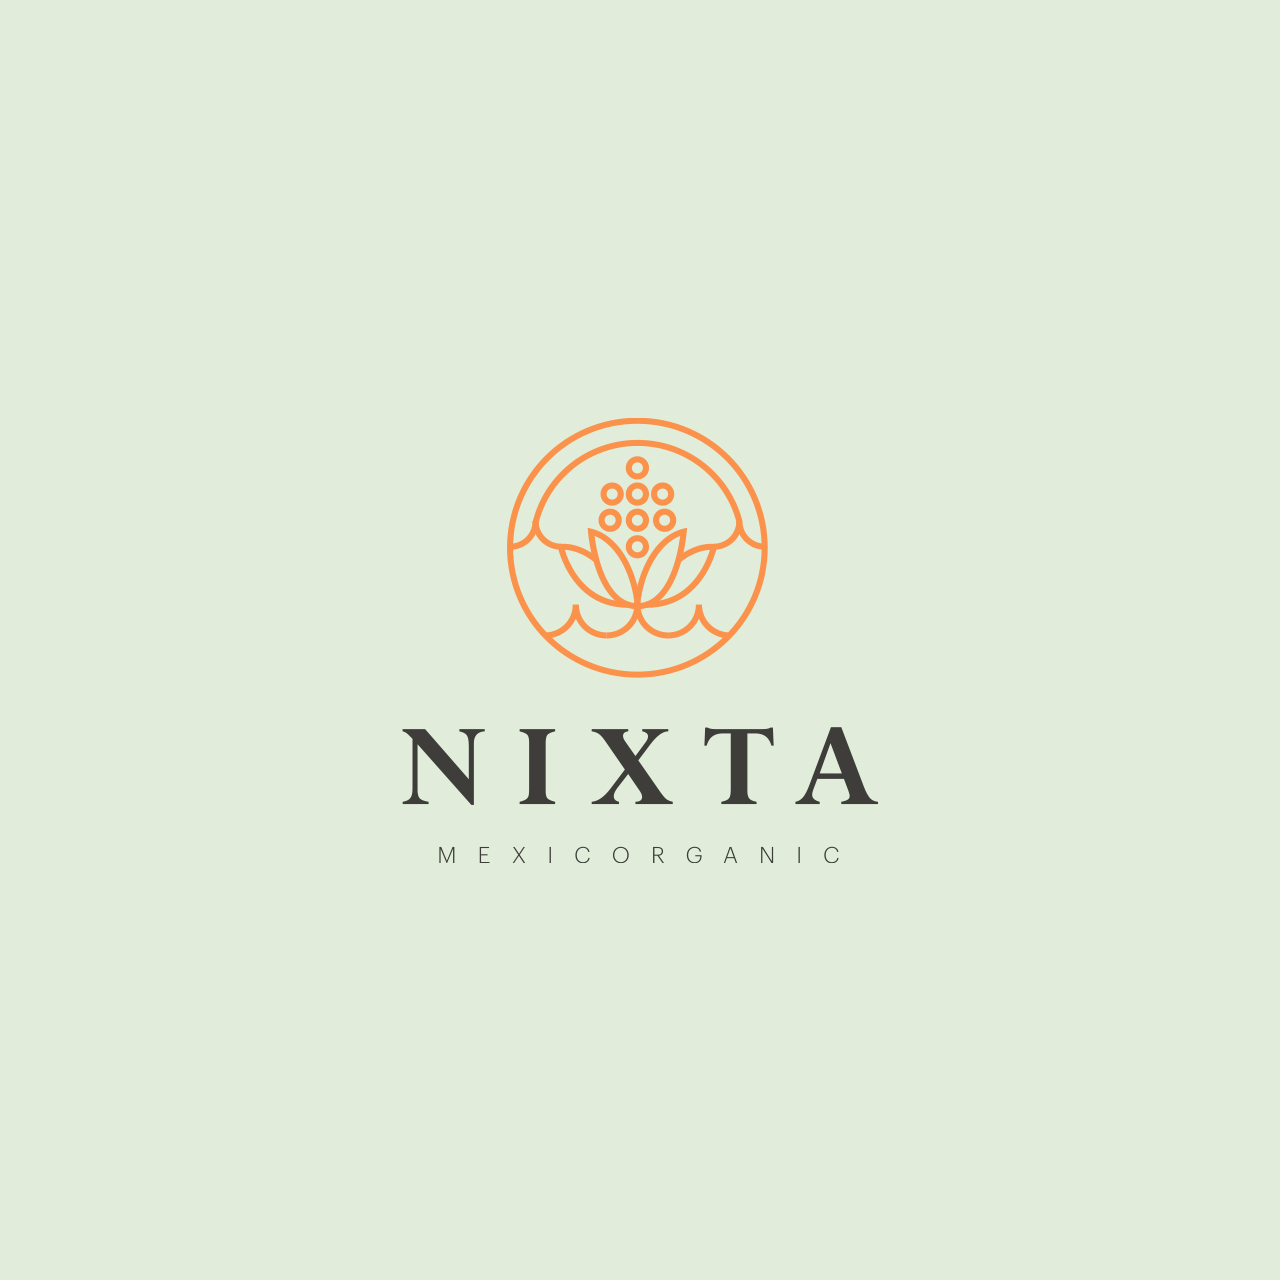 Nixta Mexicorganic